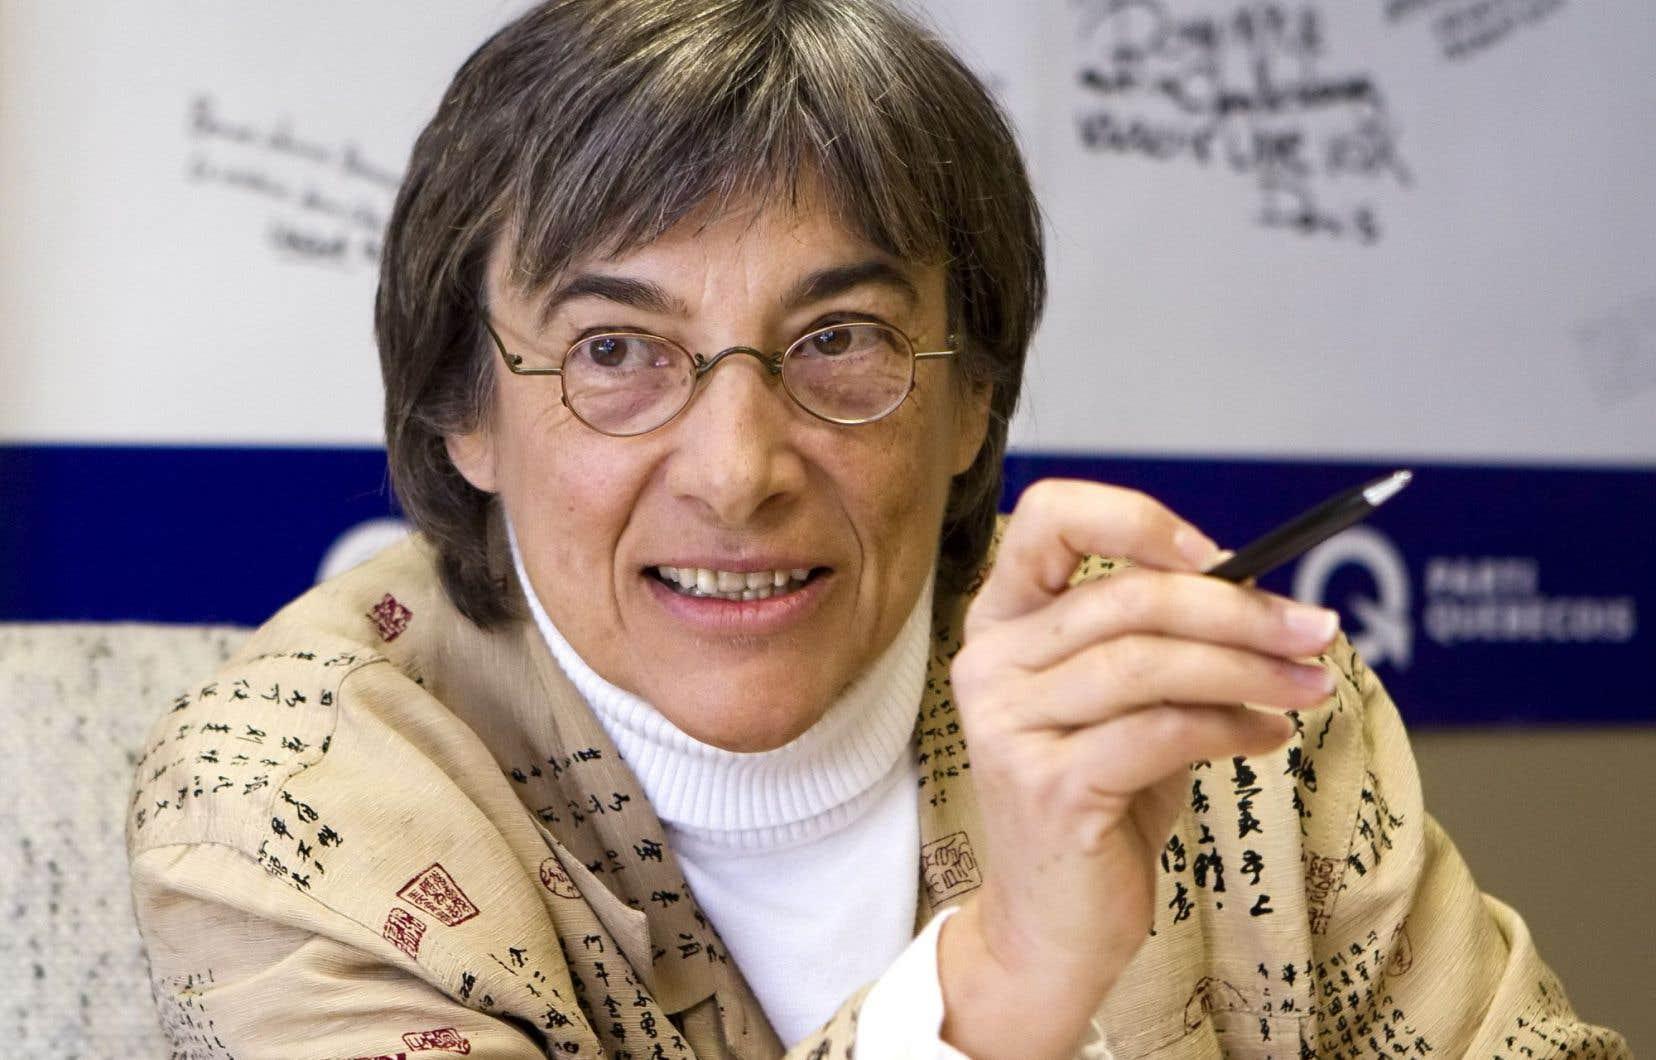 La professeure Dominique Payette était candidate pour le Parti québécois aux dernières élections.